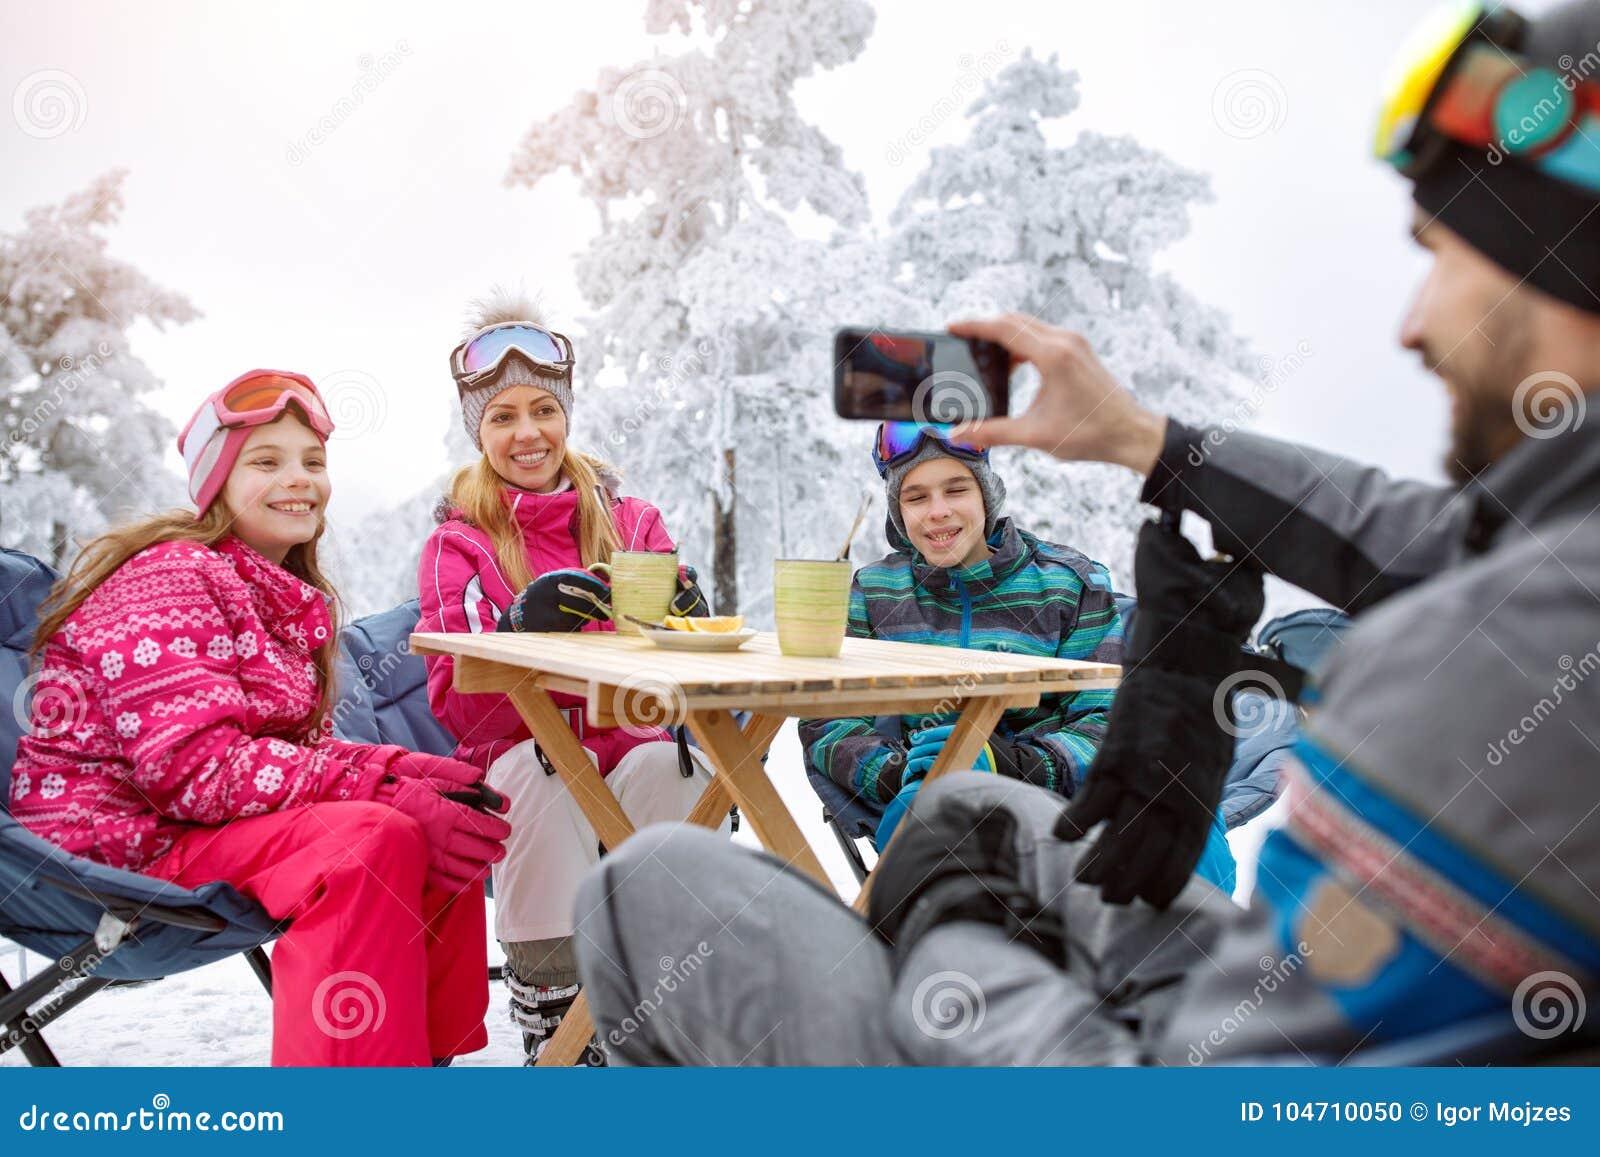 Человек делая семейное фото пока отдыхающ в кафе